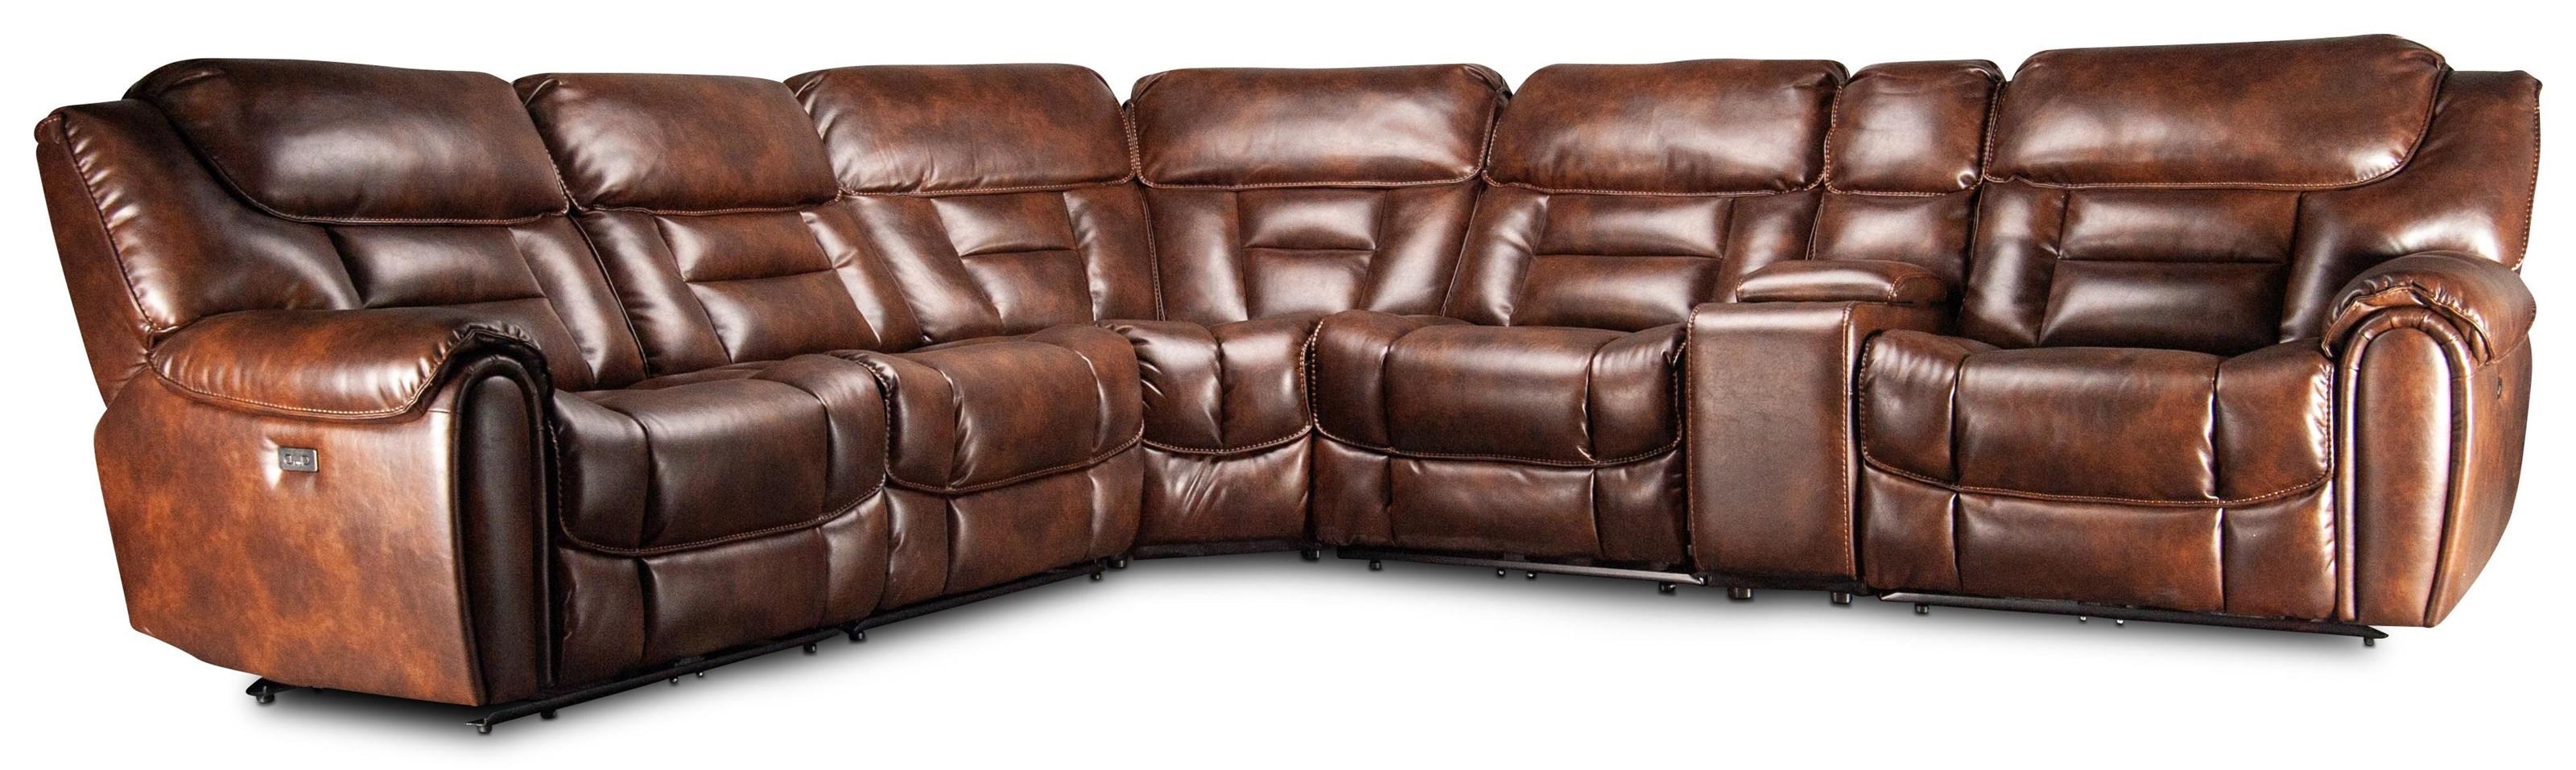 Vitner Vintner Power Sectional Sofa at Morris Home